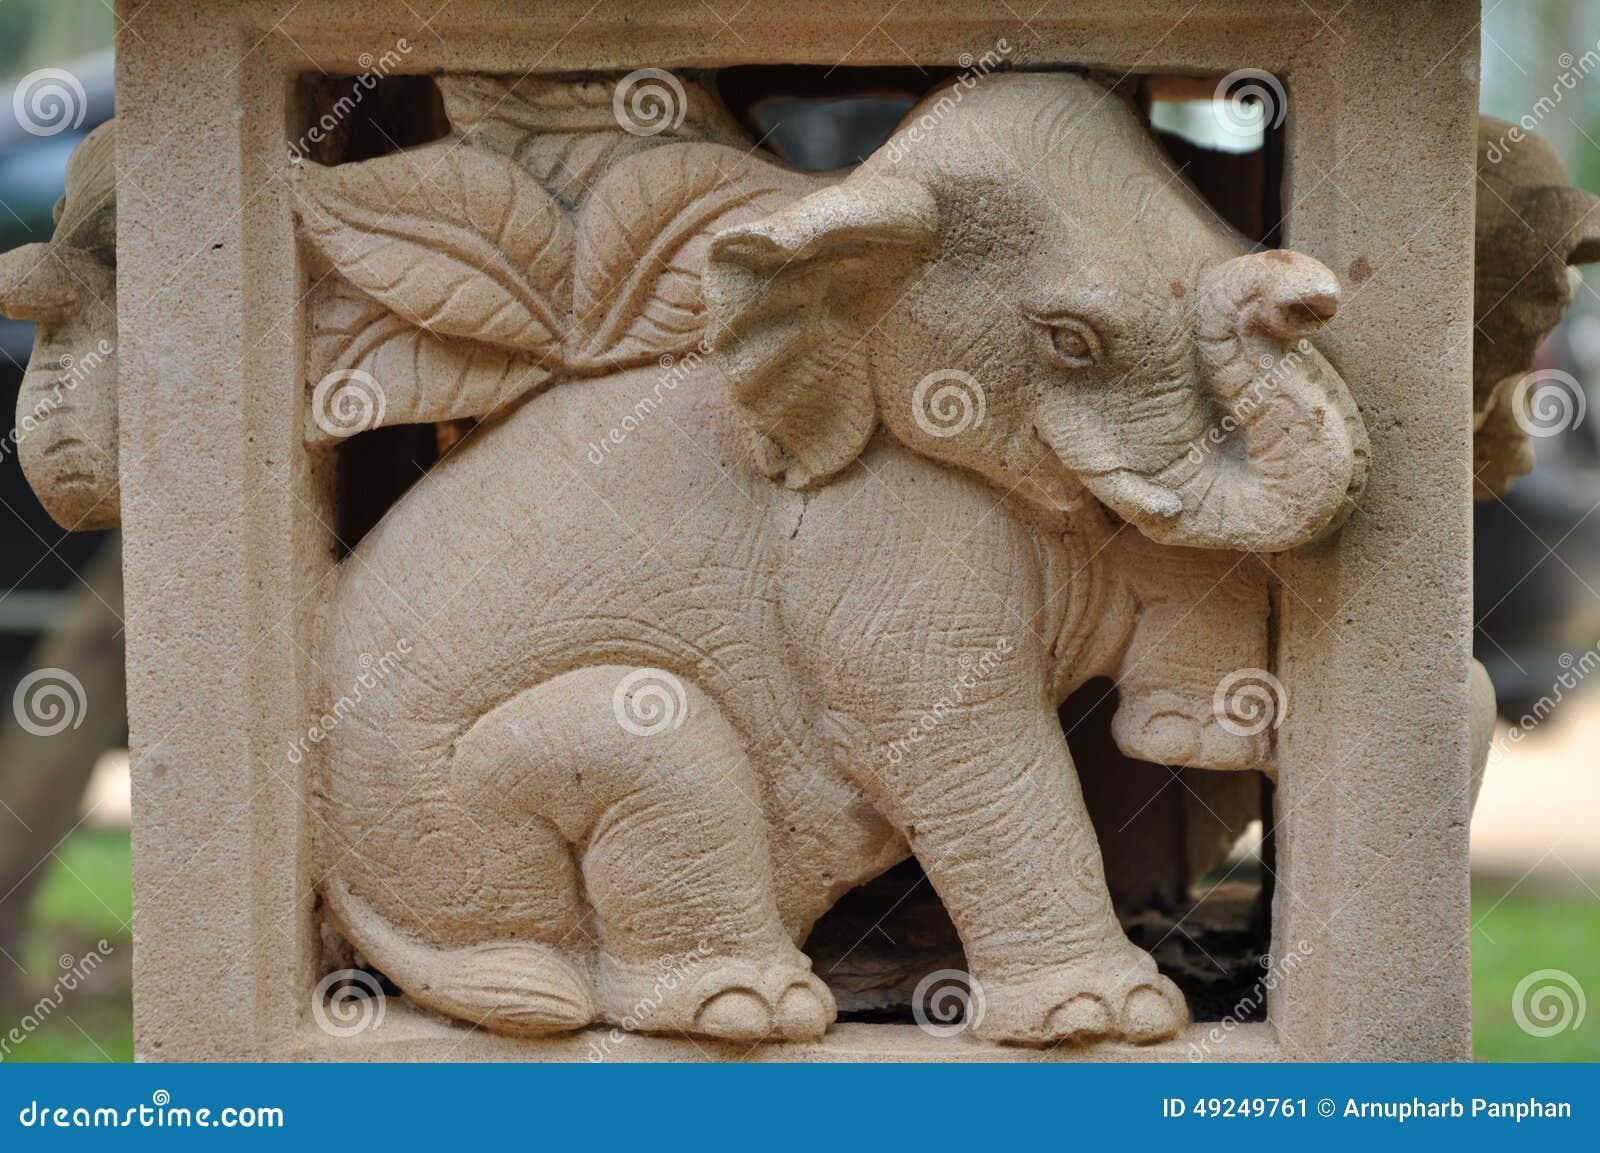 Elephant Sculpture Garden